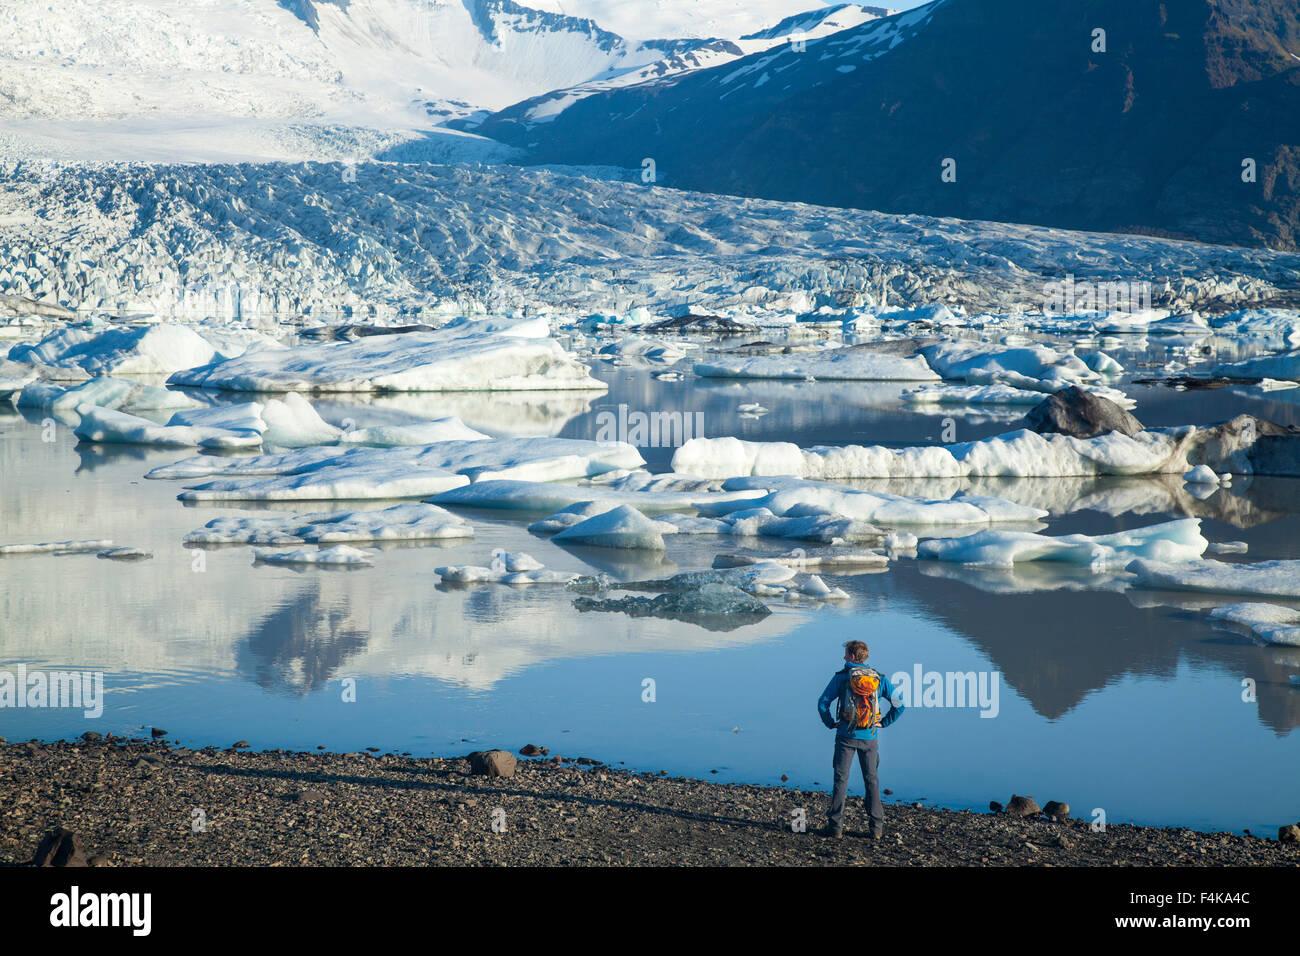 Persona junto a Fjallsarlon iceberg, debajo de la laguna glaciar Fjallsjokull. Parque Nacional Vatnajokull, Sudhurland, Imagen De Stock